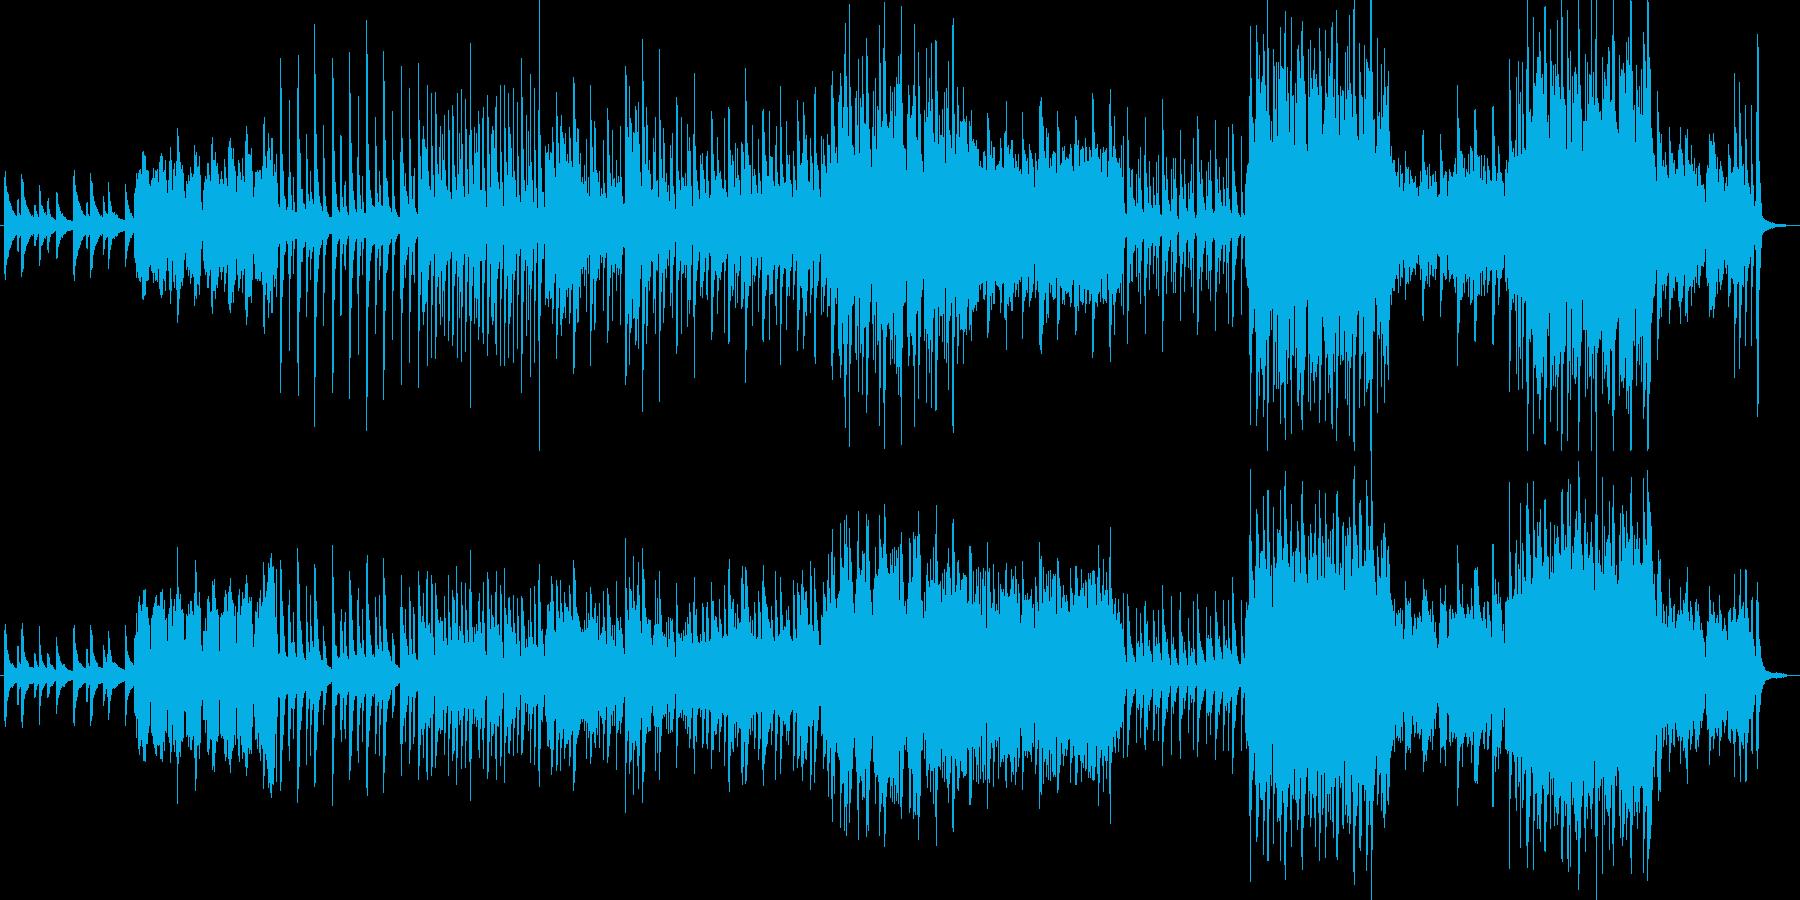 森っぽいの再生済みの波形